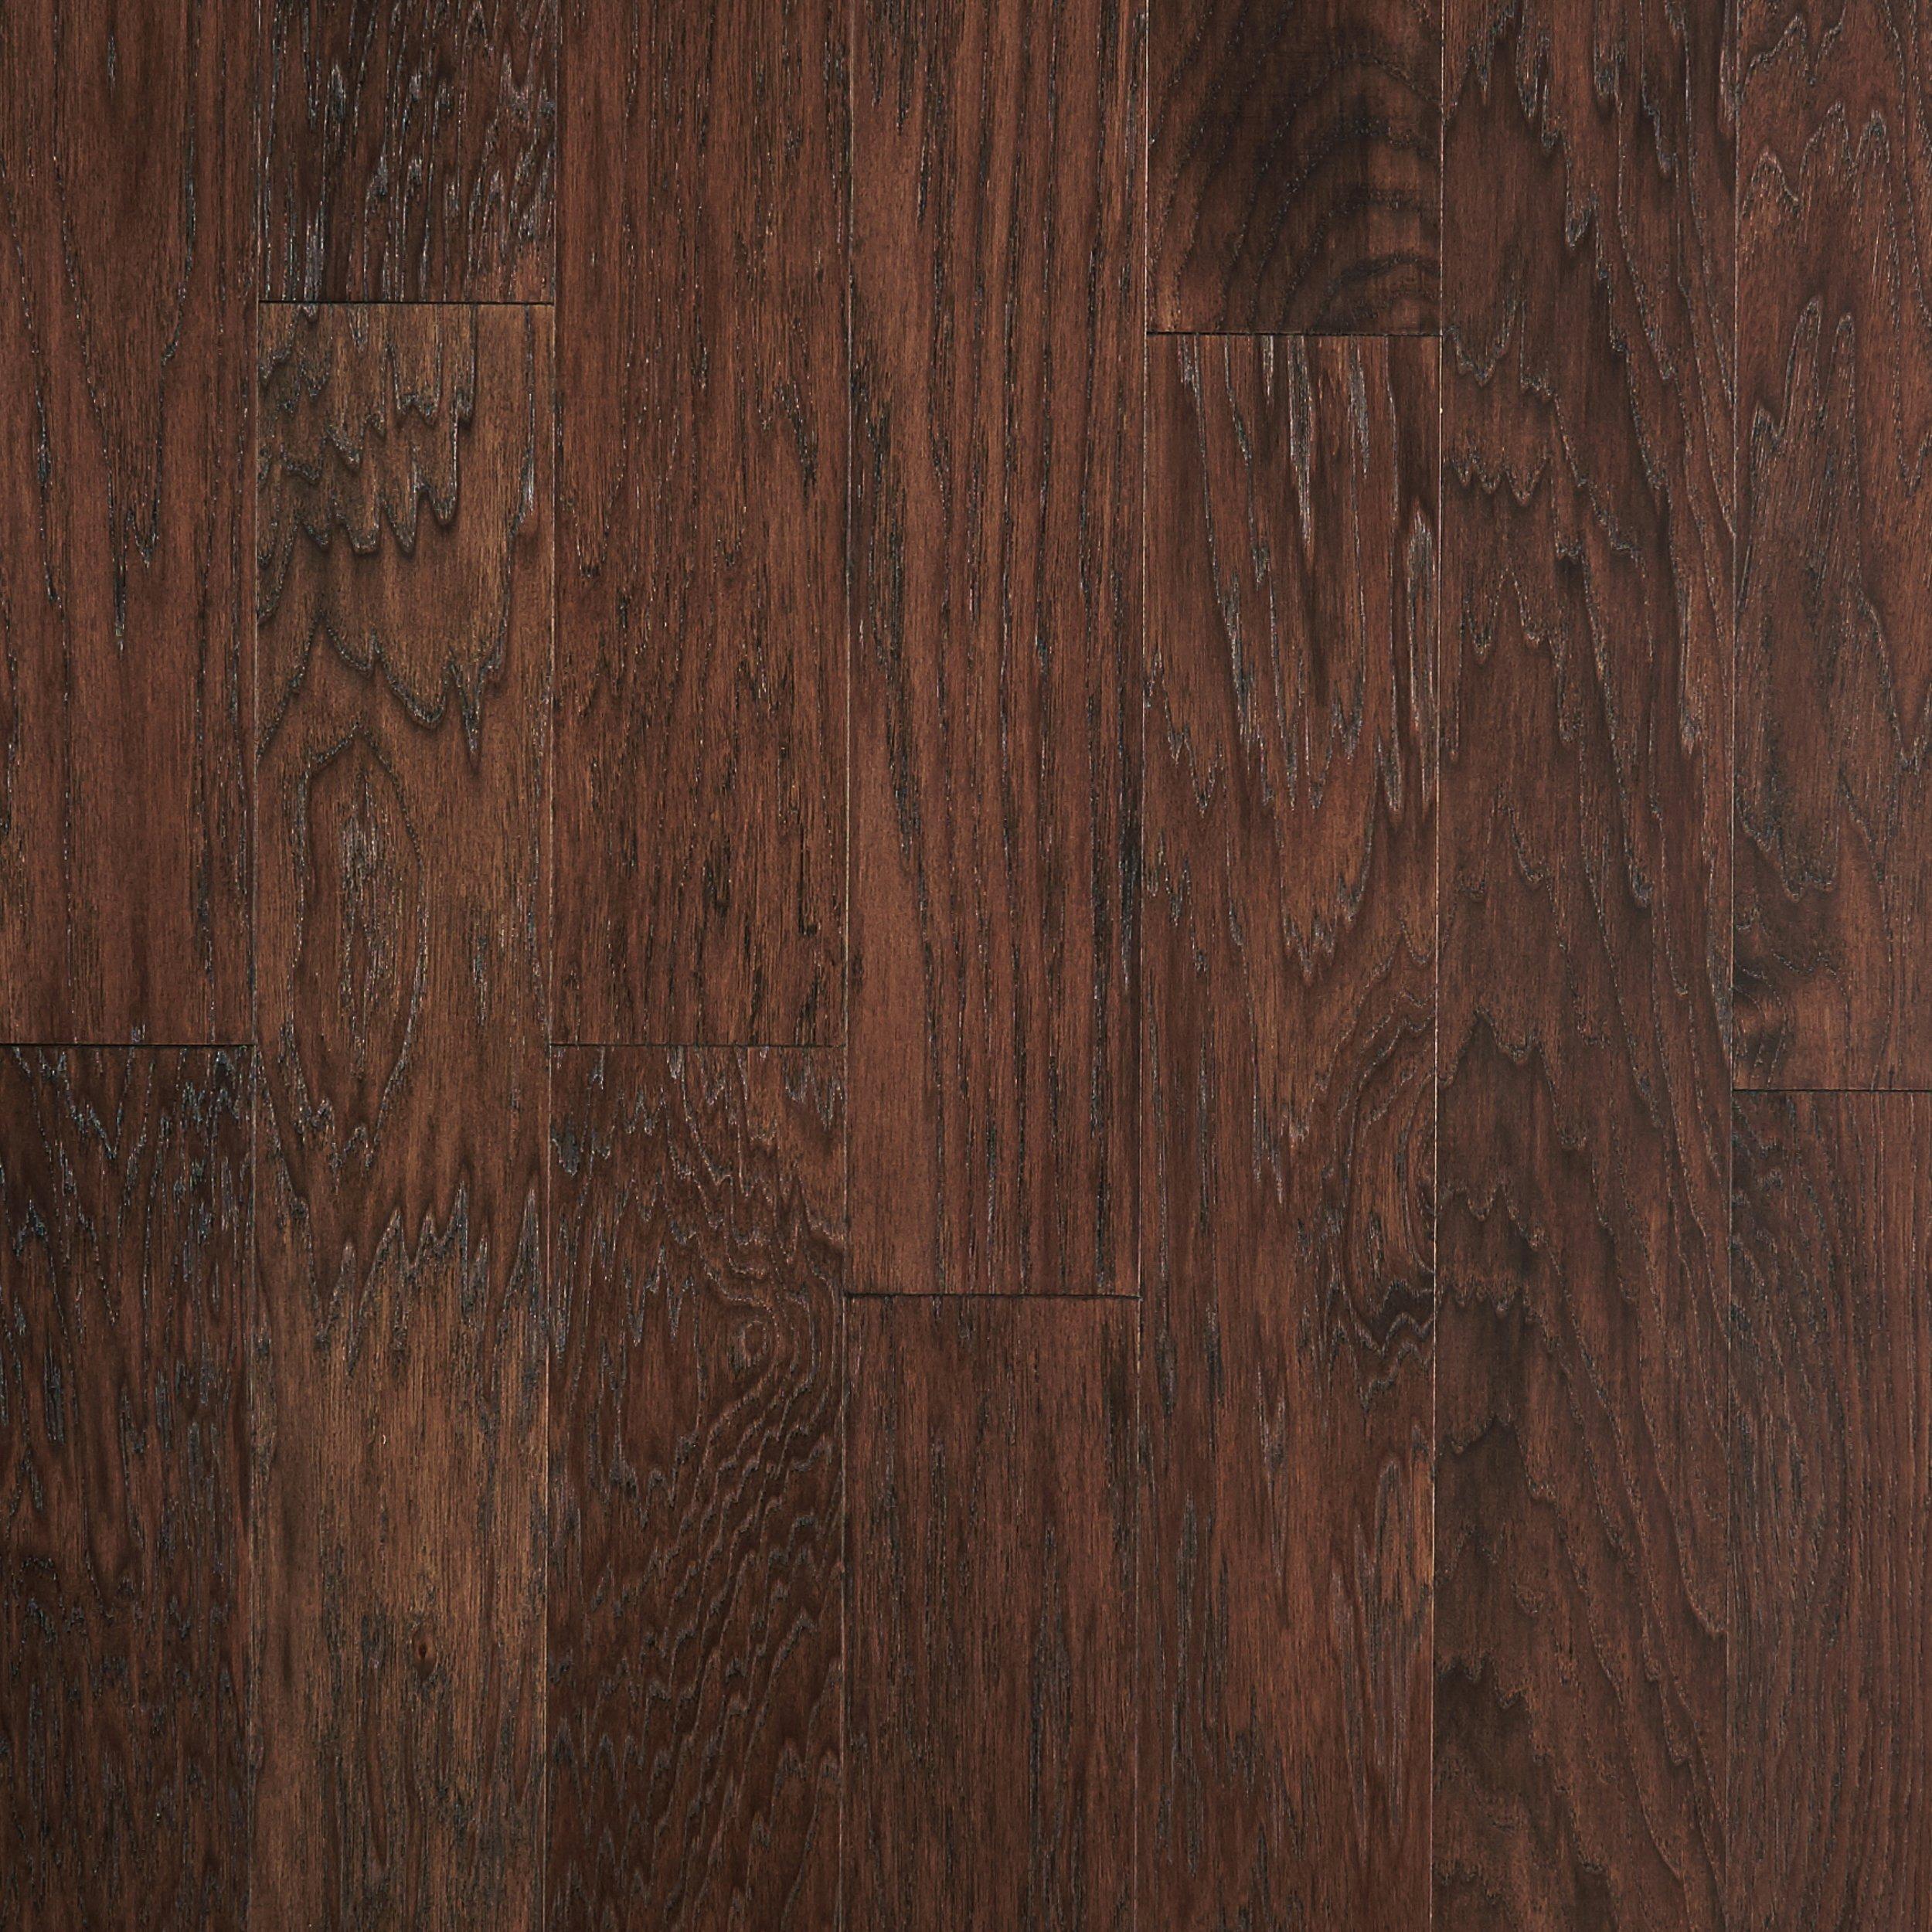 Floor and Decor Engineered Hardwood Elegant Engineered Hardwood Flooring